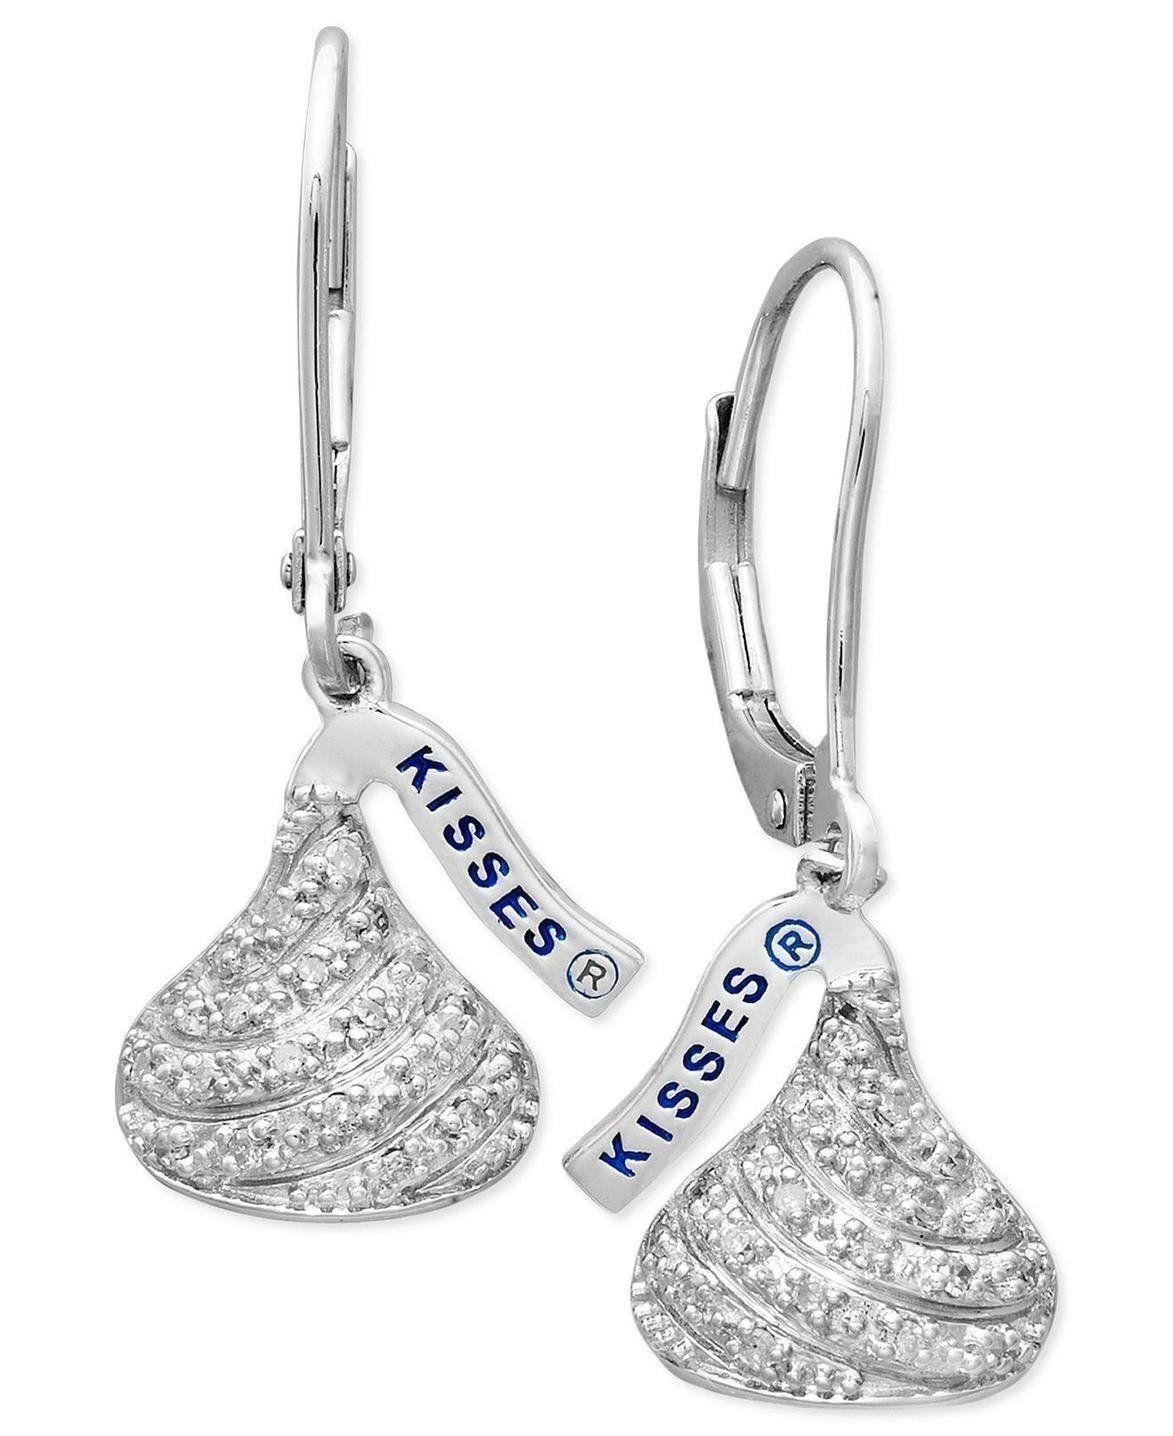 fa51444edb153 Sterling Silver Hershey's Kiss Earrings, Diamond Drop Earrings (1/6 ...